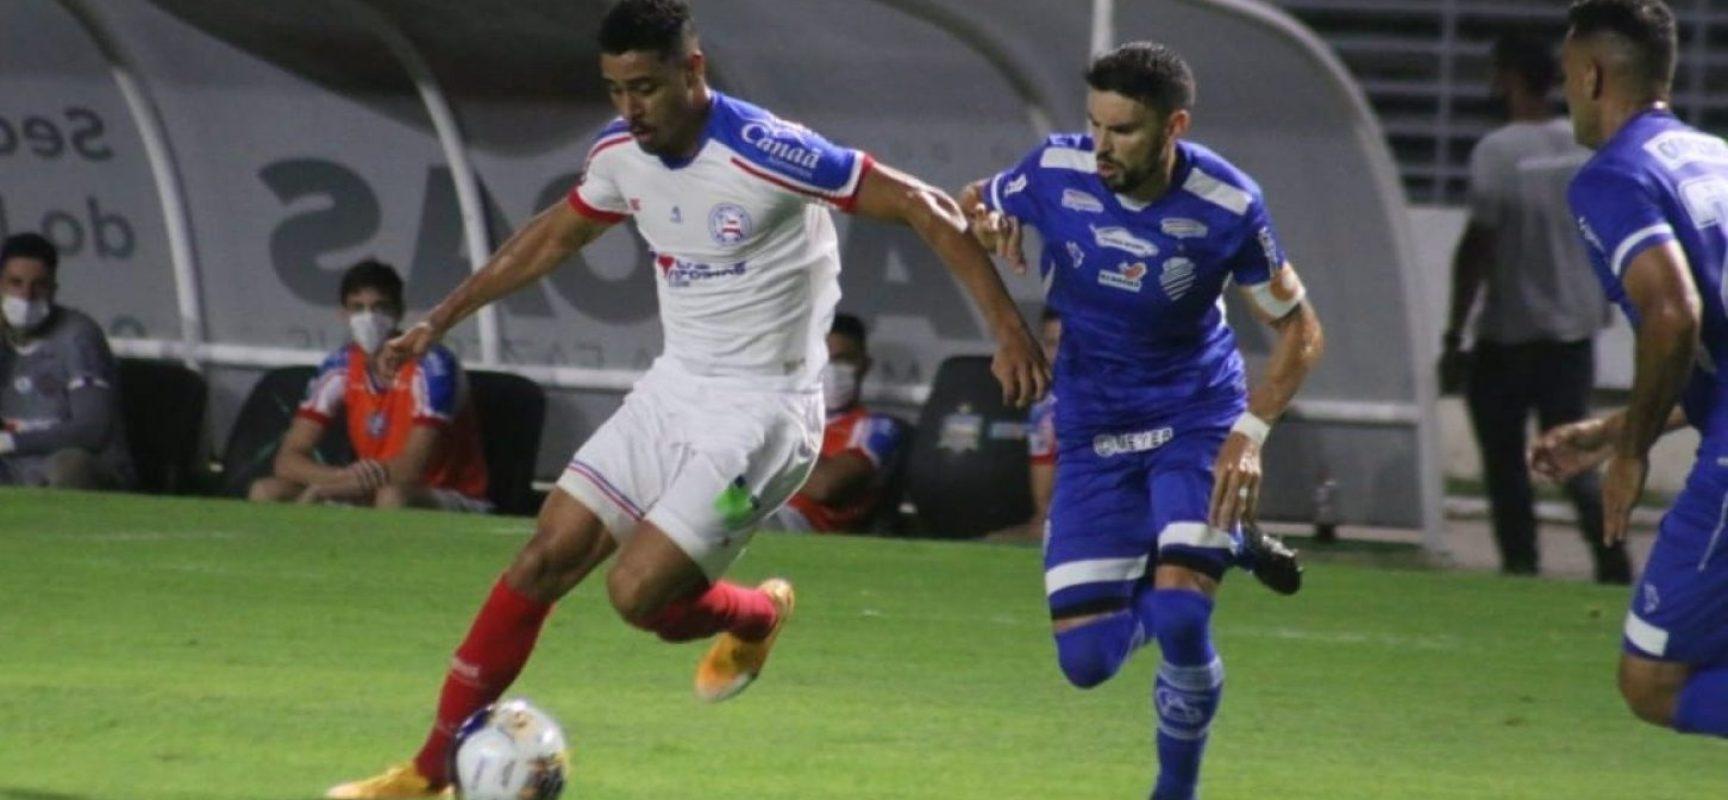 Douglas falha, Bahia desperdiça pênalti e perde por 2 a 0 para o CSA pelo Nordestão